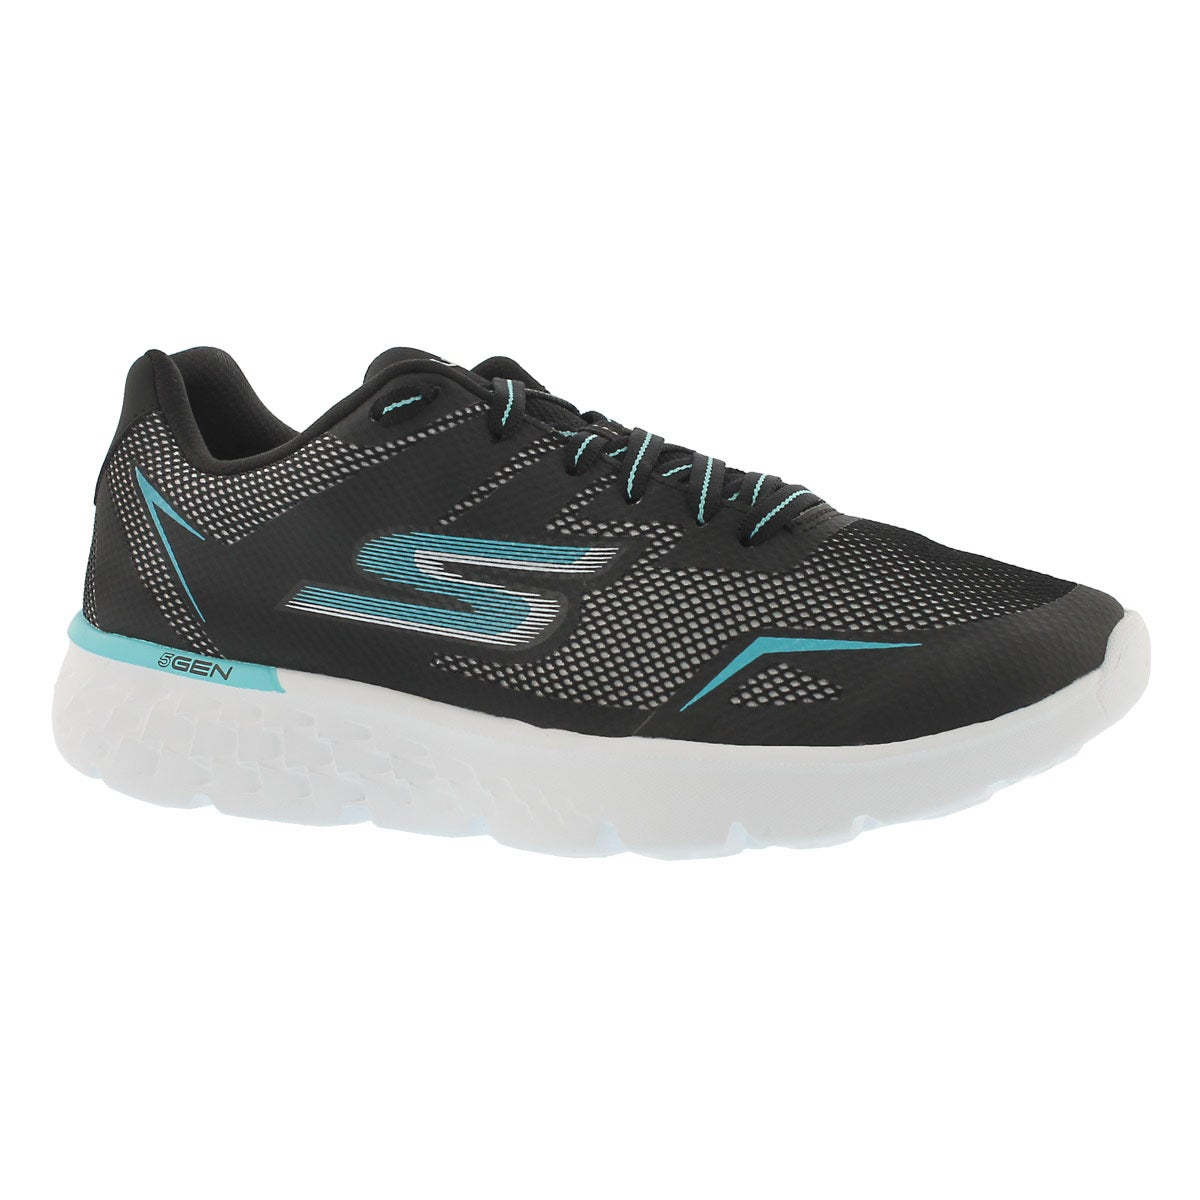 Women's GOrun 400 blk/aqua lace up sneakers